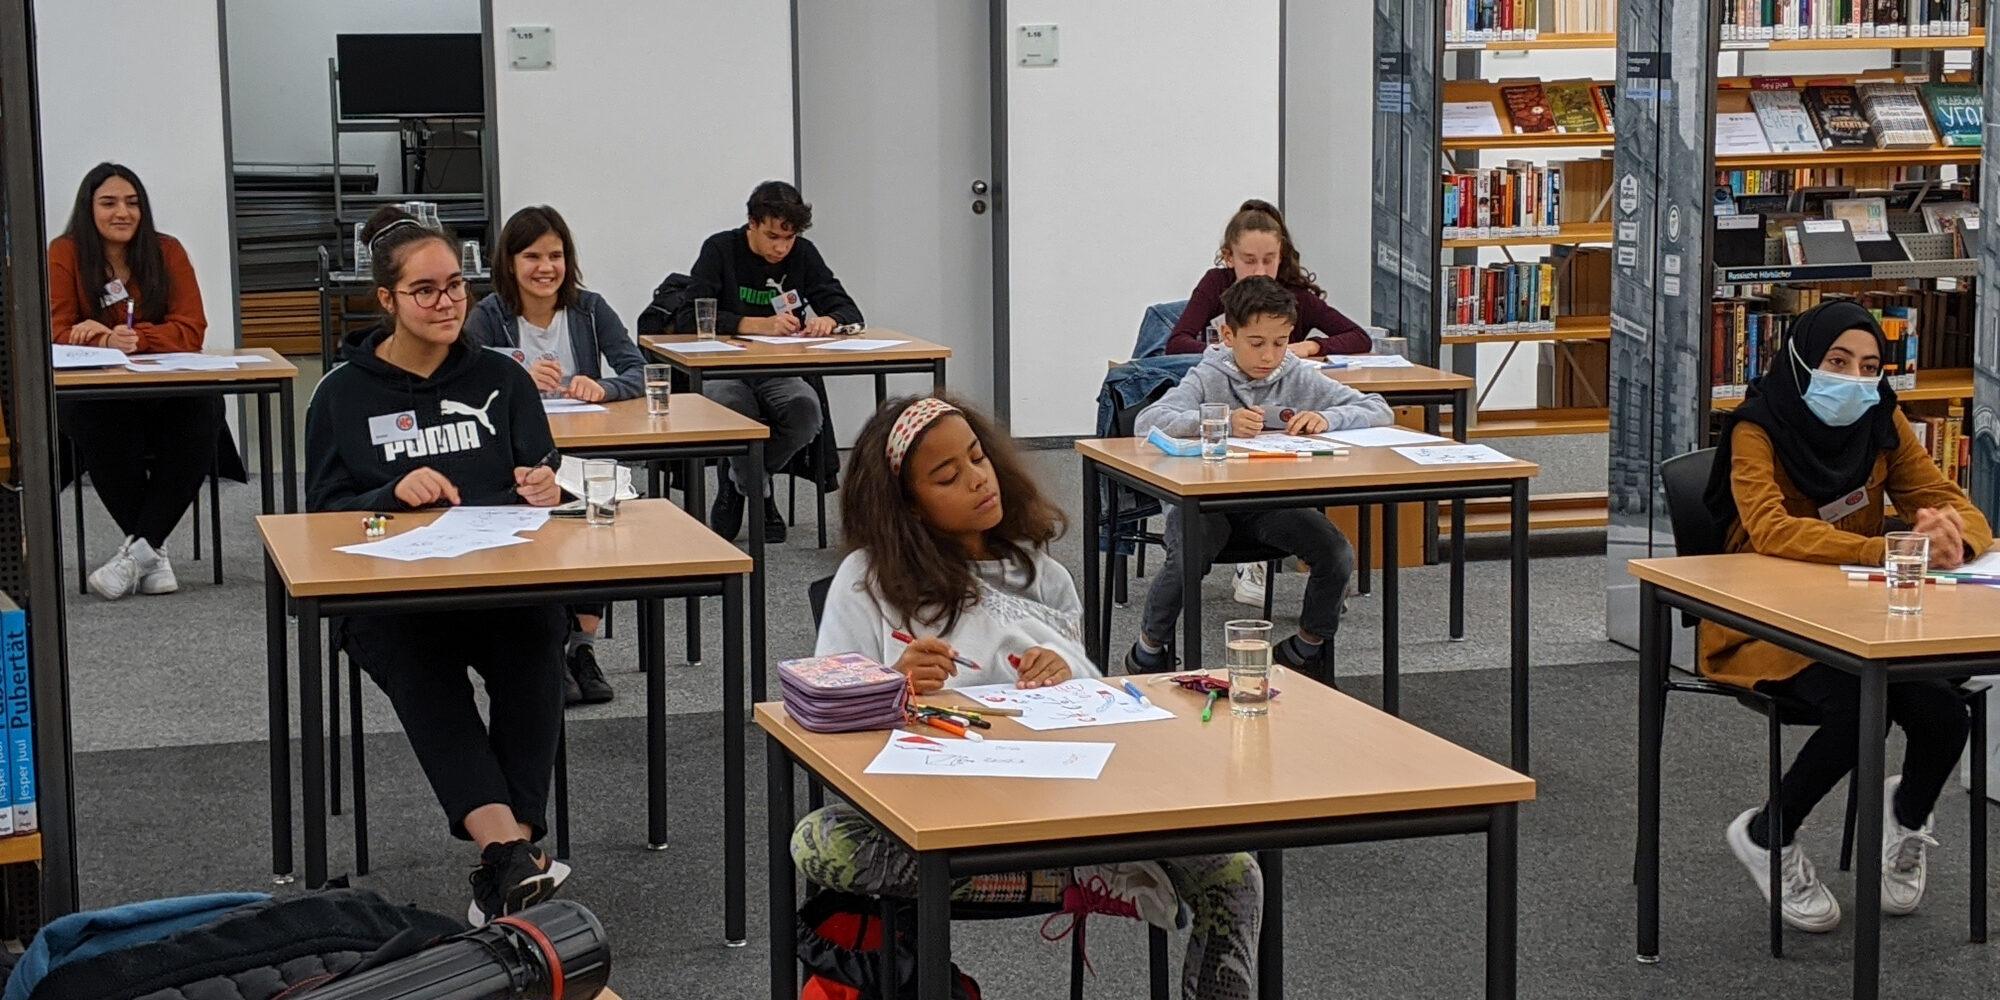 Für den Comoc-Workshop sitzen Kinder an Einzeltischen. Auf jedem Tisch liegen Stifte und Papier.